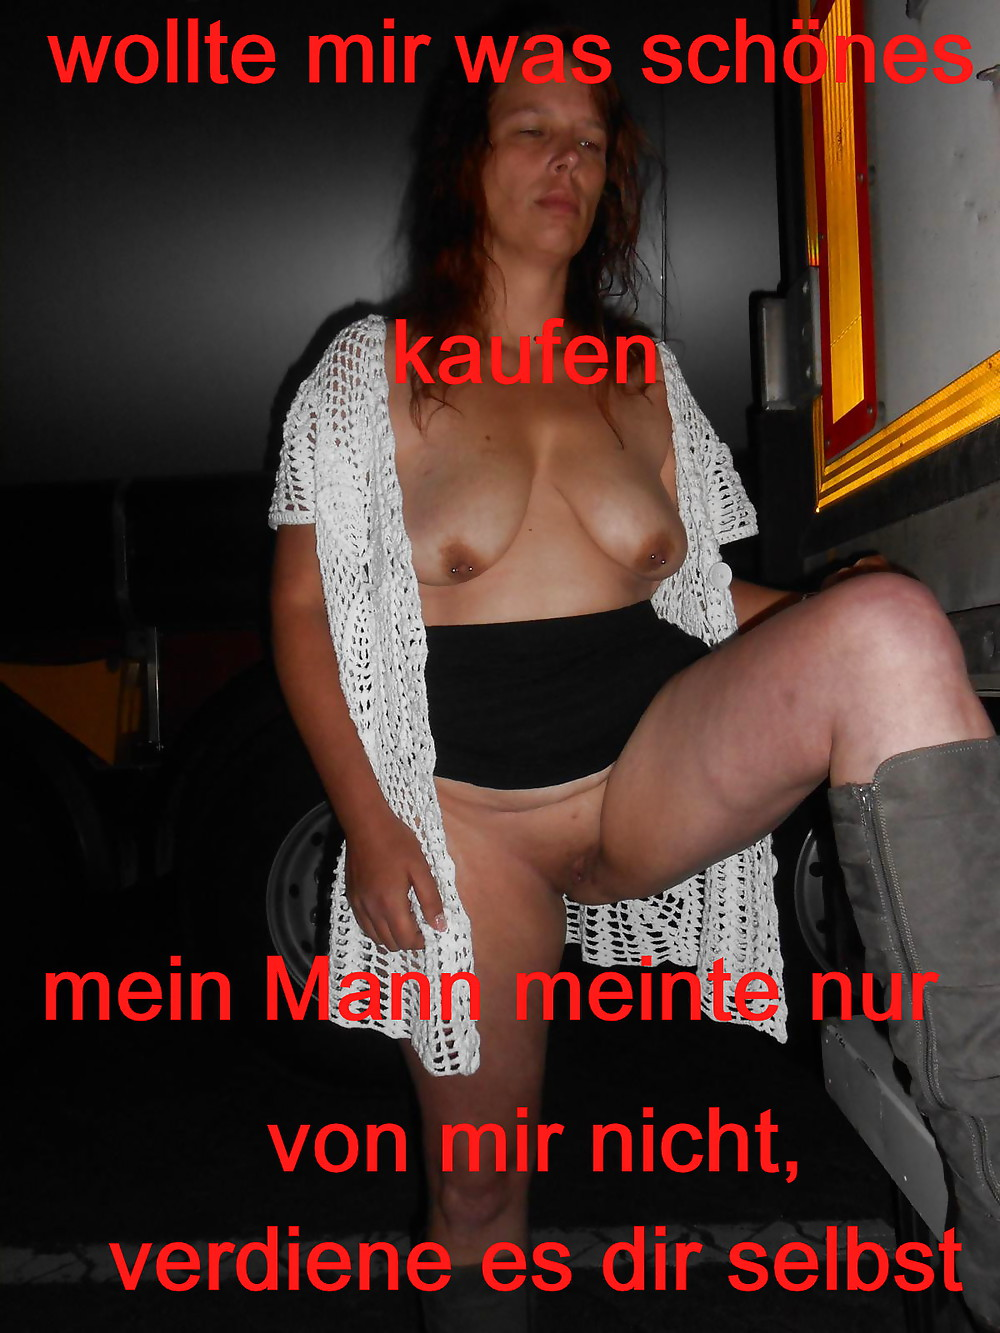 Echte deutsche babe aus essen geil gebumst - 2 6